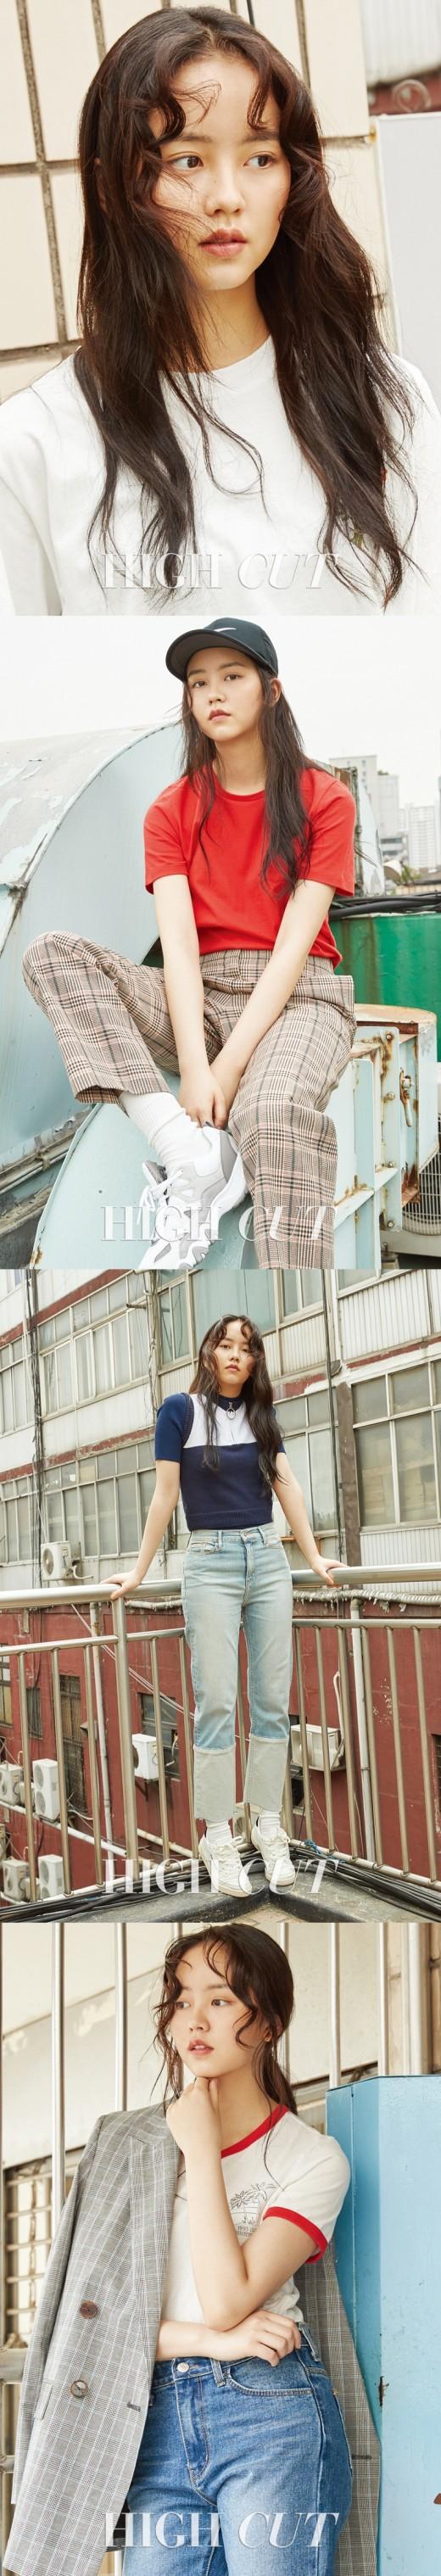 """김소현 """"철벽녀 모태솔로, 멜로 머리로 이해"""" _이미지"""